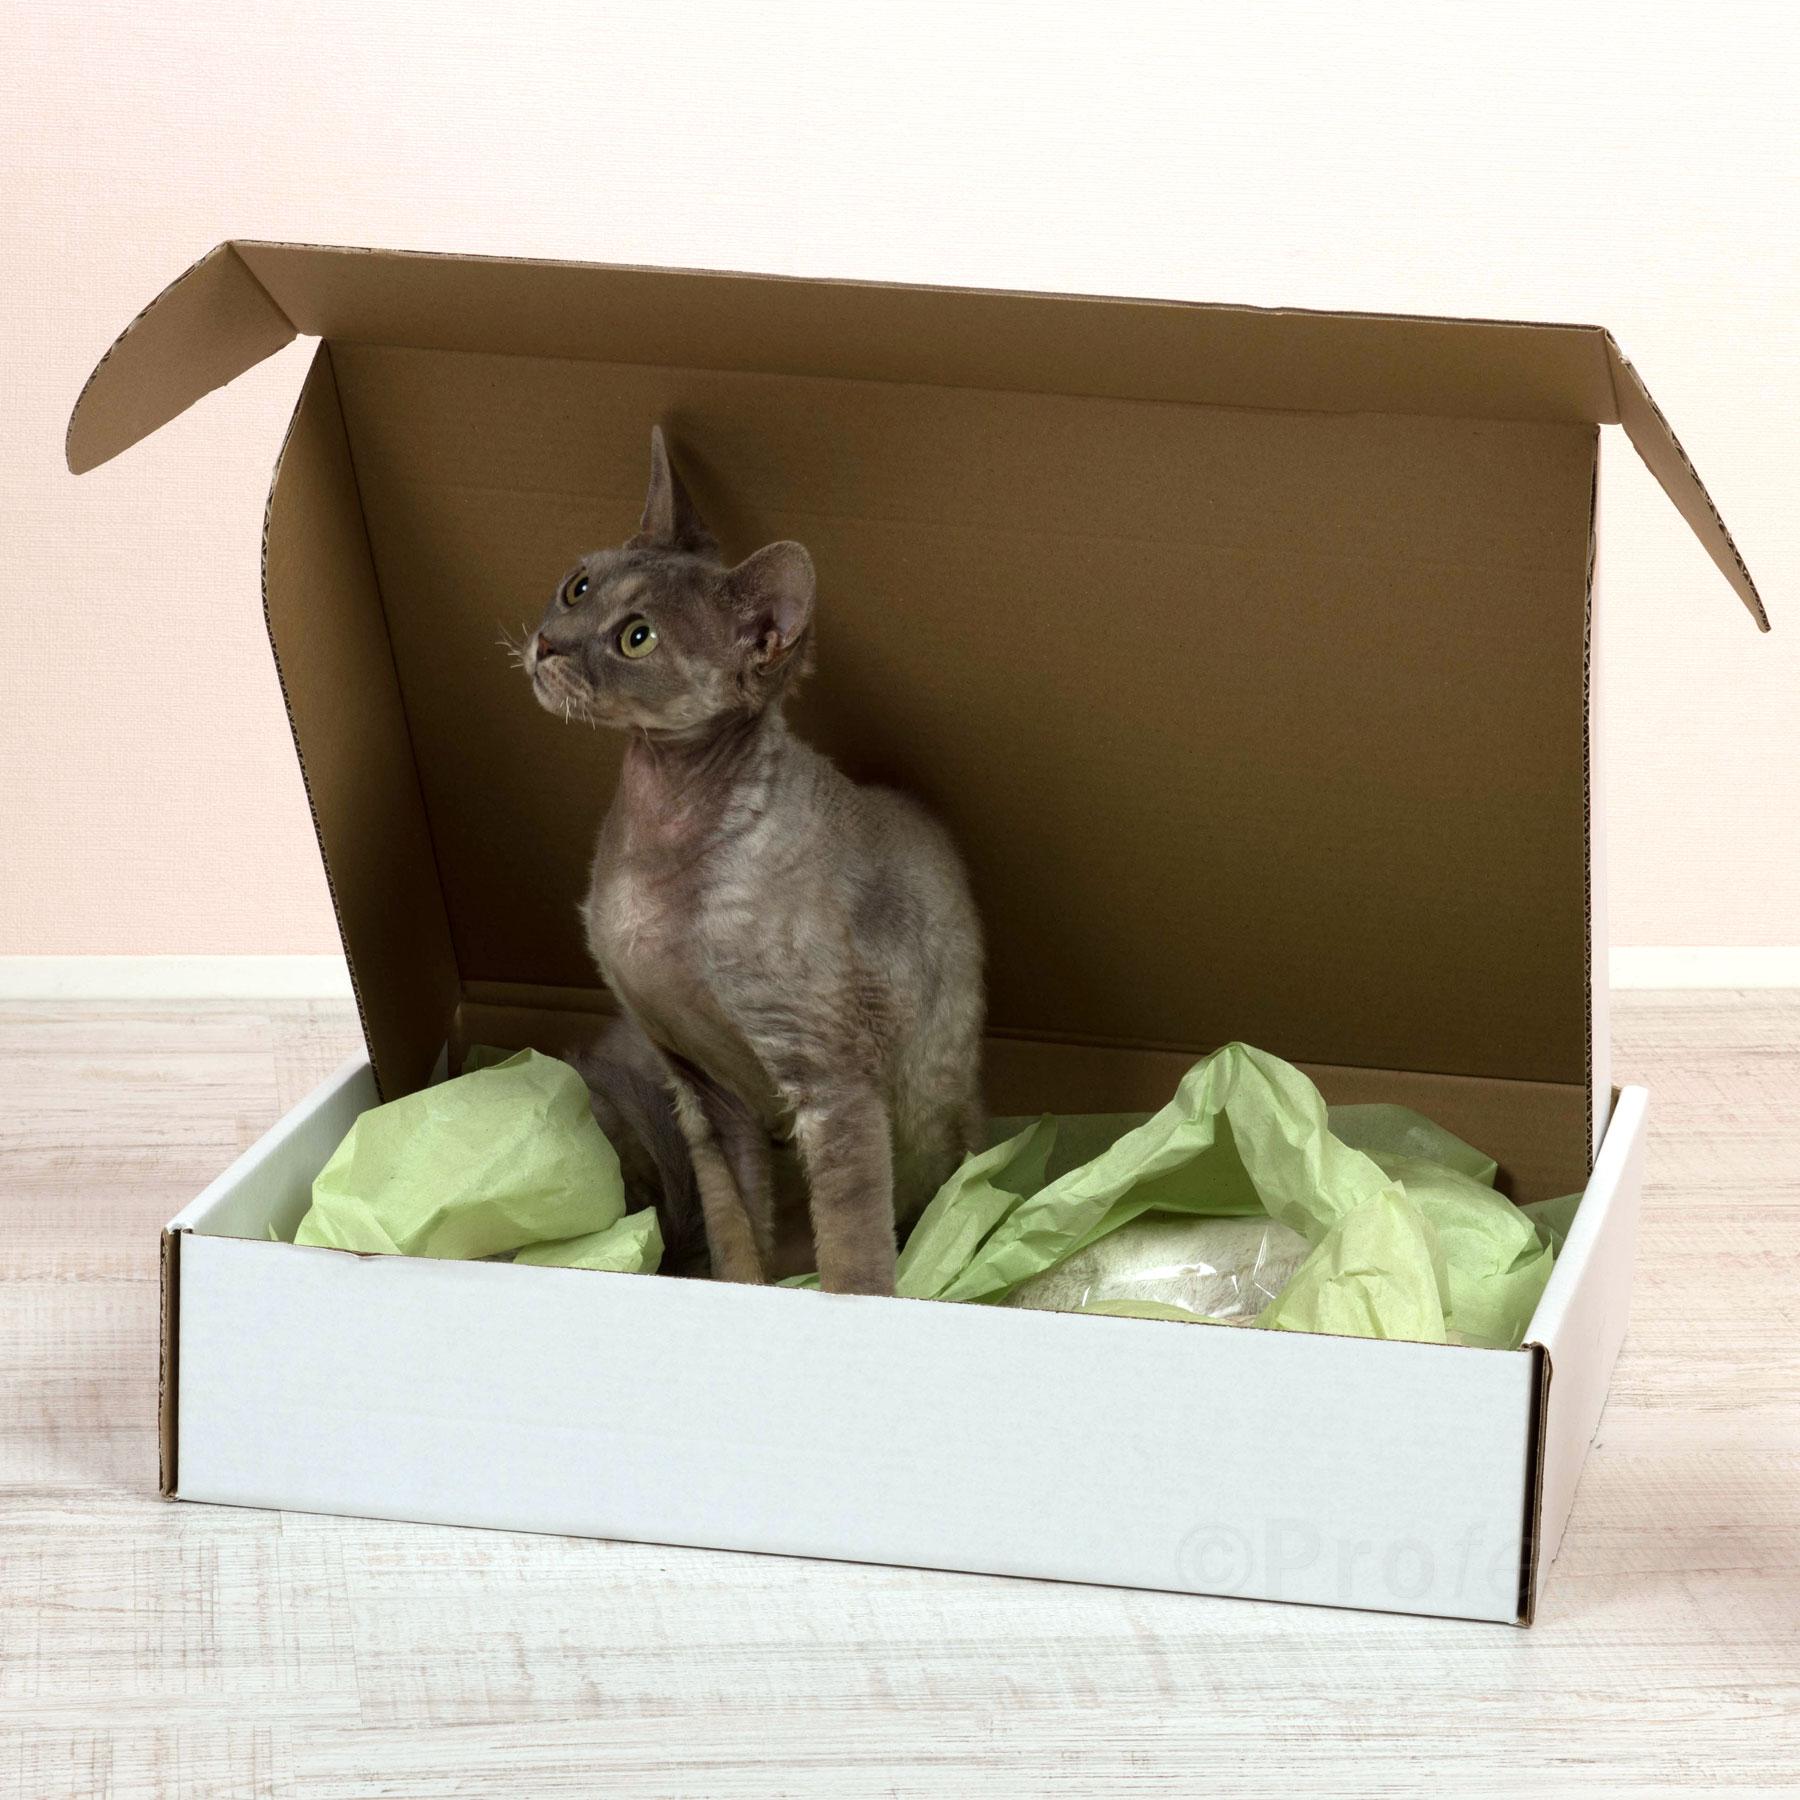 inspirierend baldrian spielzeug f r katzen selber machen. Black Bedroom Furniture Sets. Home Design Ideas